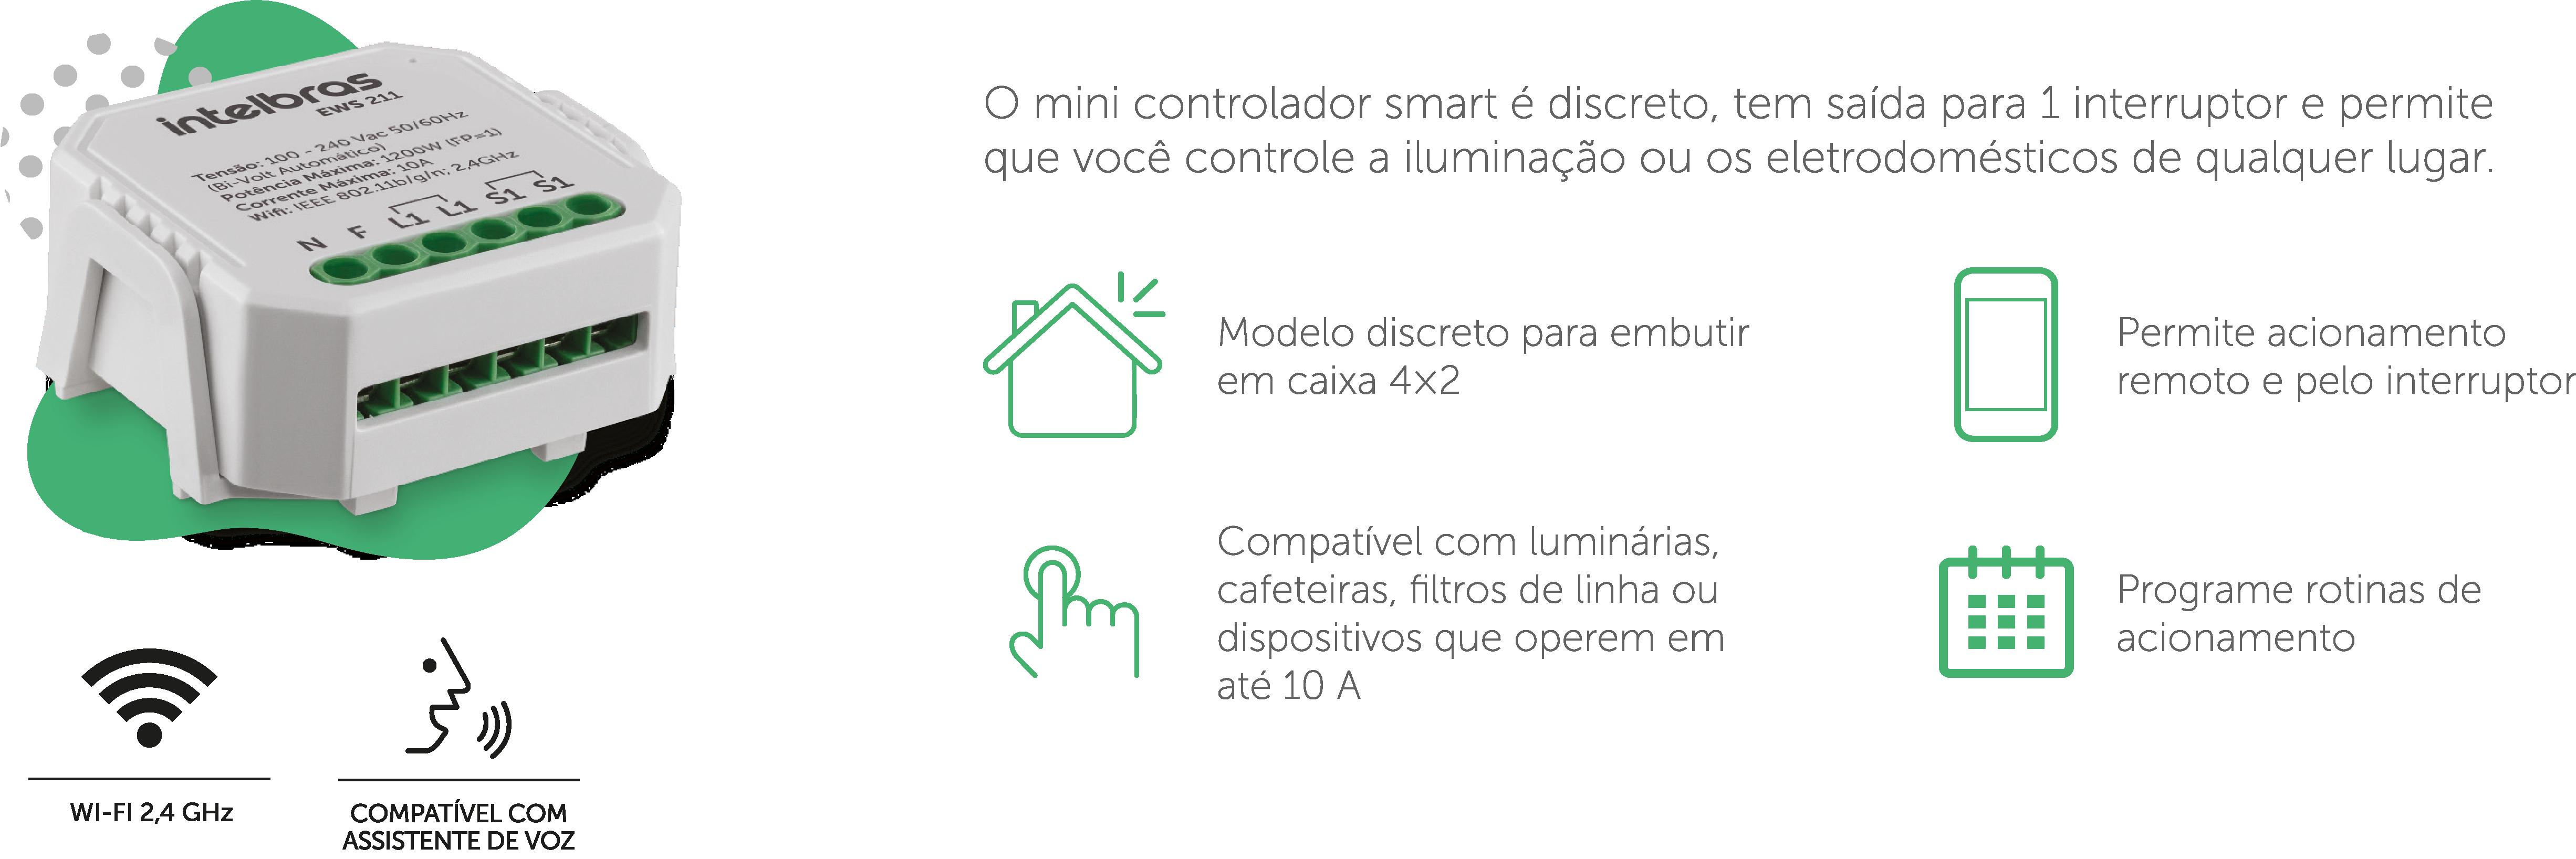 mini-controlador-smart-wifi-com-saida-para-um-interruptor-ews-211